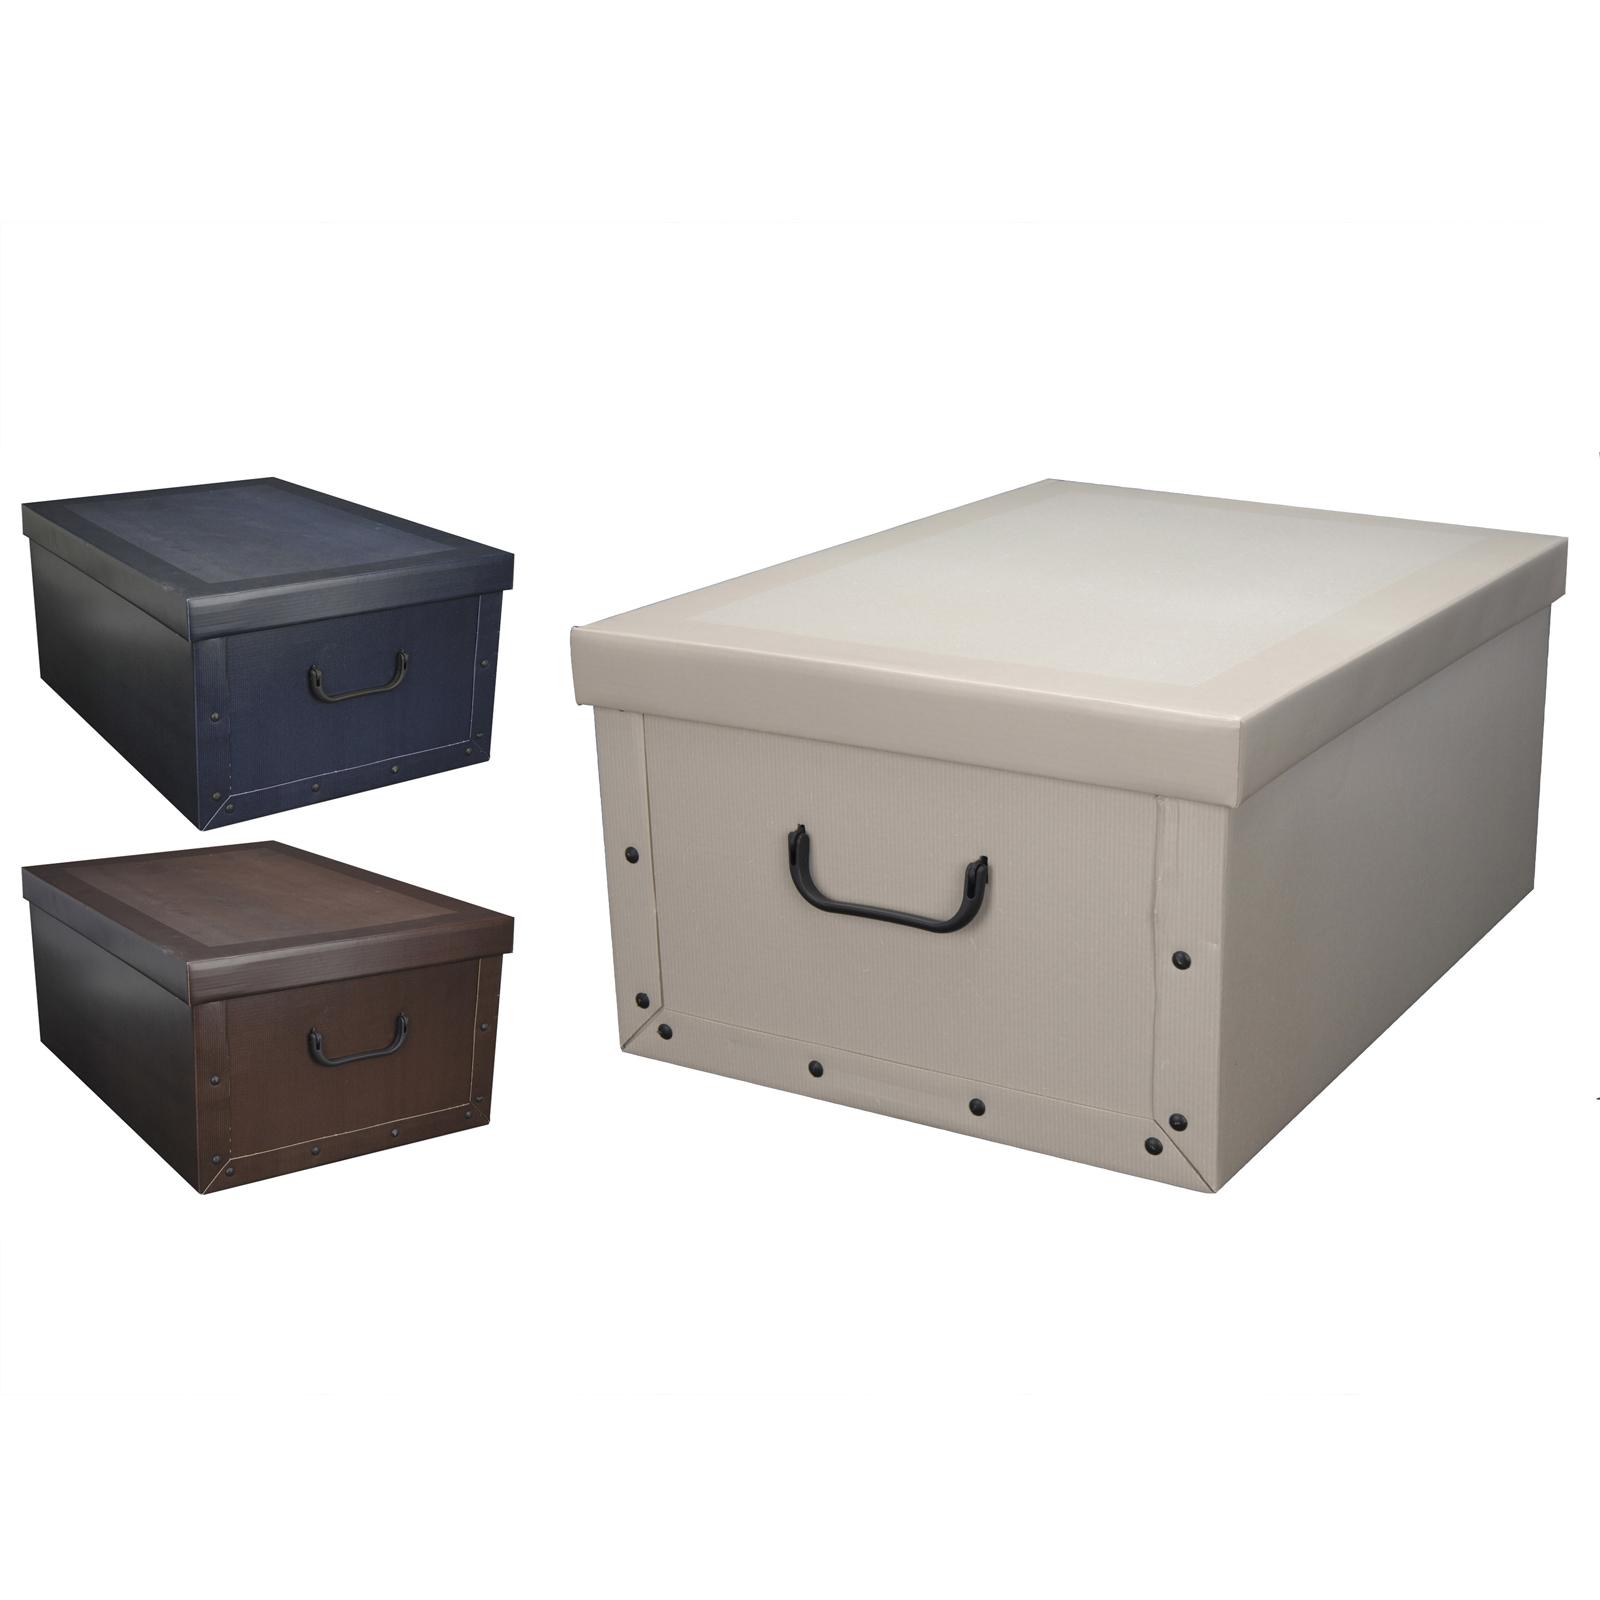 3 farben faltbare aufbewahrungsbox aufbewahrungskiste. Black Bedroom Furniture Sets. Home Design Ideas